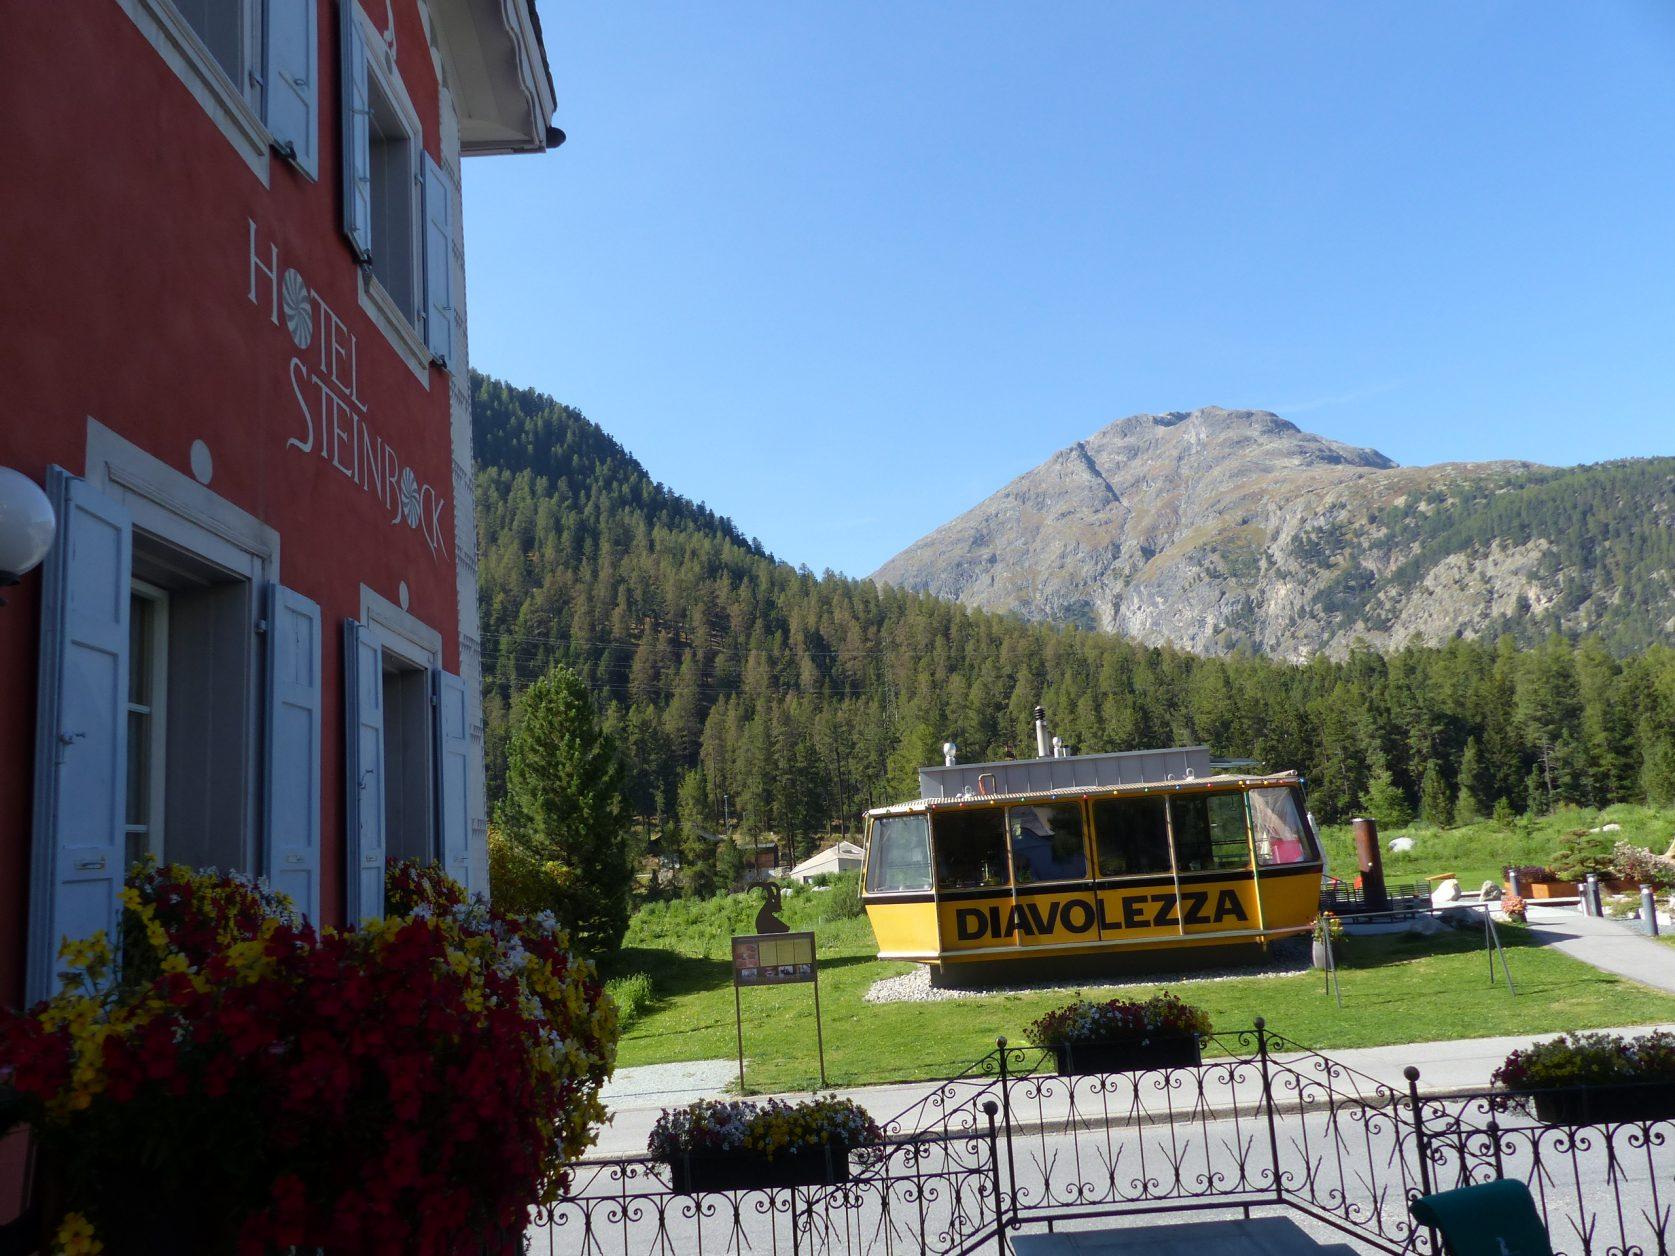 """In der zum Hotel """"Steinbock"""" gehörenden Diavolezza - Gondel gibt es Käsespezialitäten, Foto. Weirauch"""